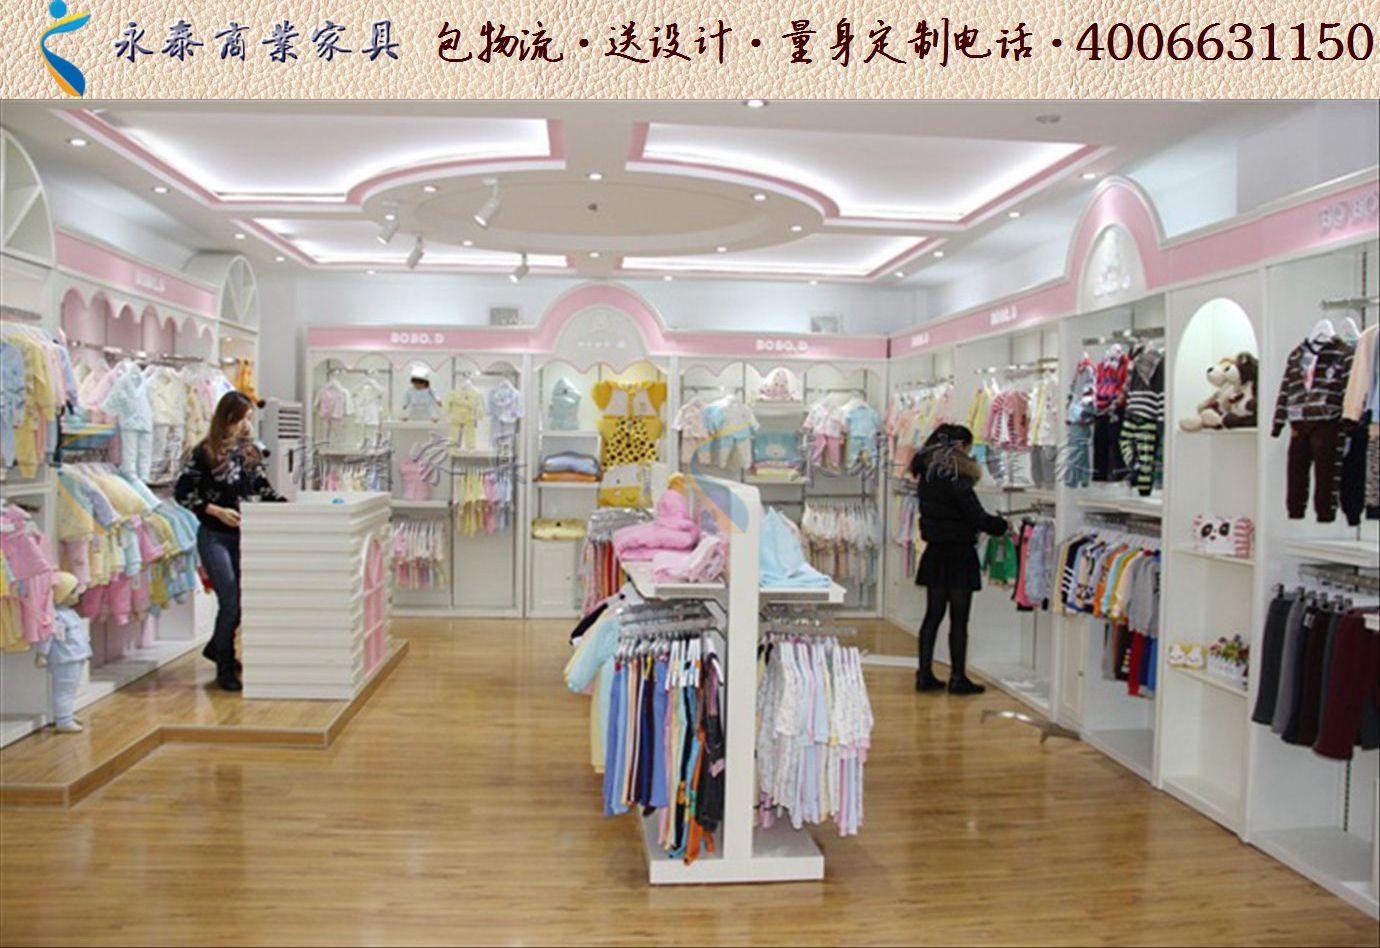 株洲韩国童装店装修效果图|母婴童鞋货架展柜